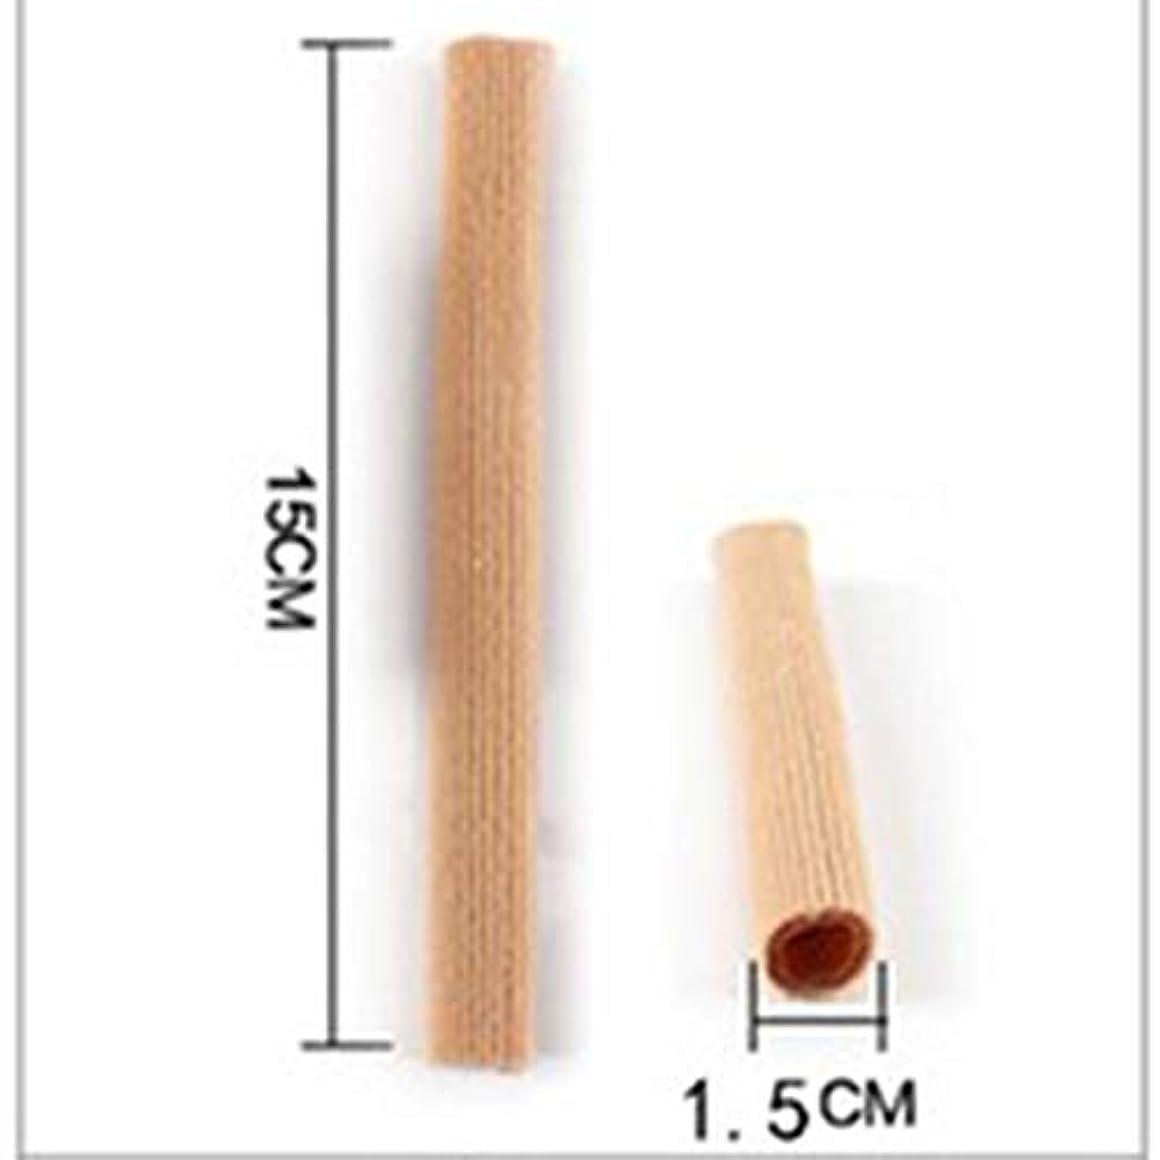 モロニックボア突進Open Toe Tubes Gel Lined Fabric Sleeve Protectors To Prevent Corns, Calluses And Blisters While Softening And...